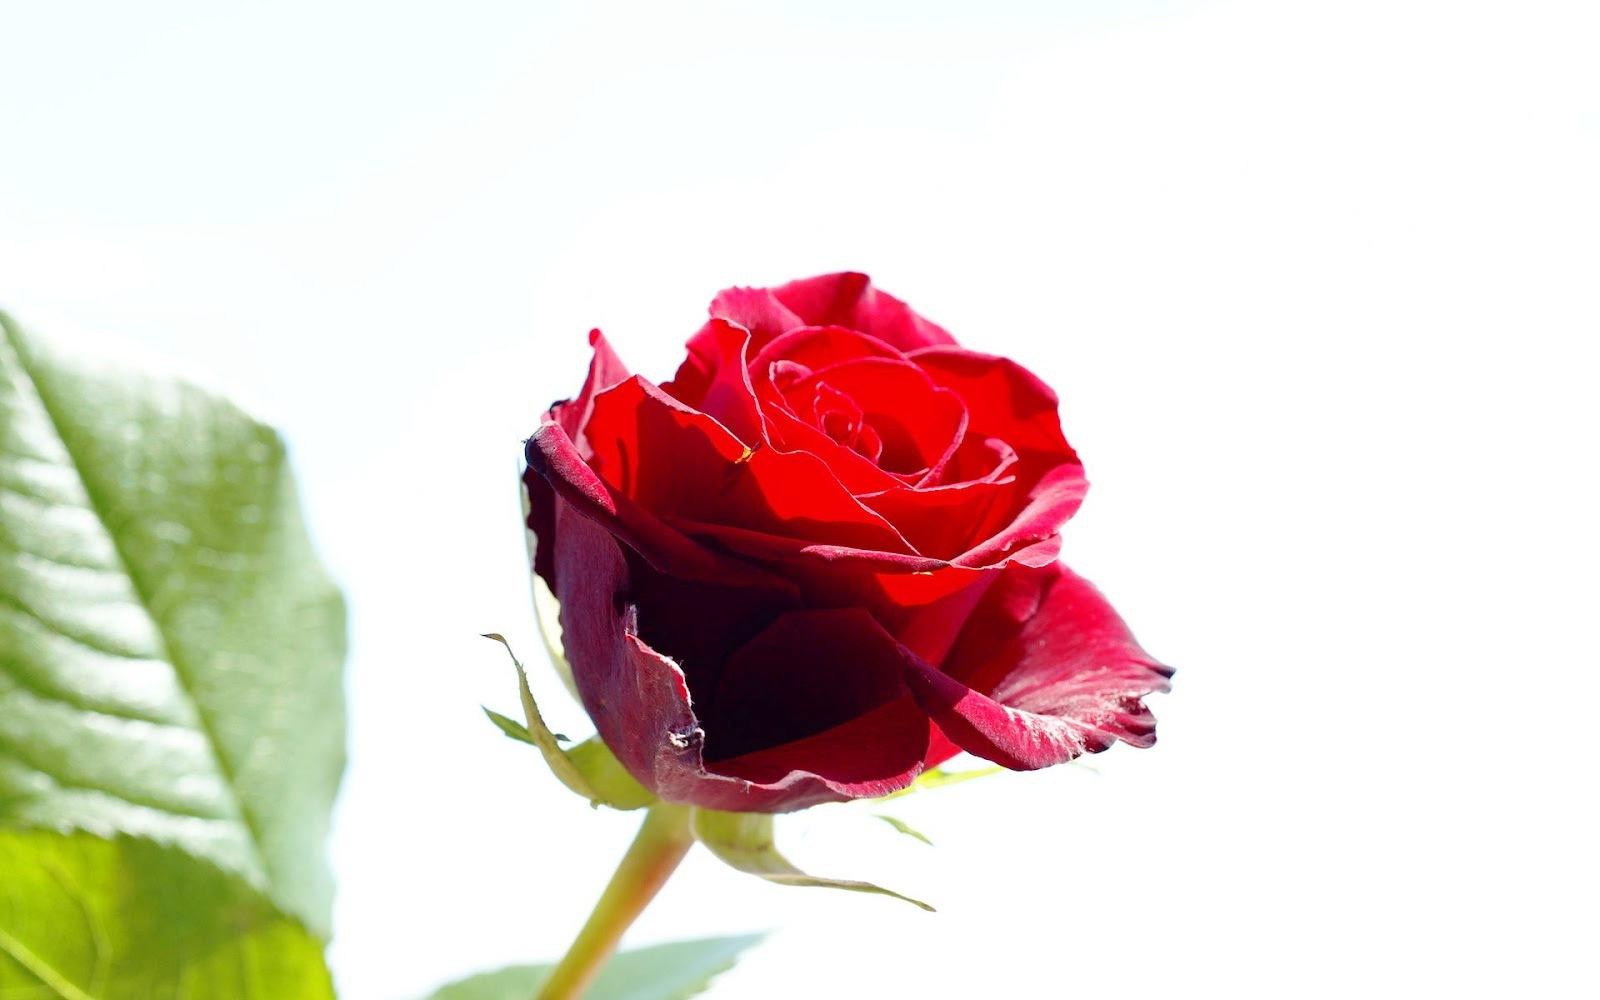 Koleksi Gambar Bunga Mawar Terindah Yang Belum Ada Ketahui